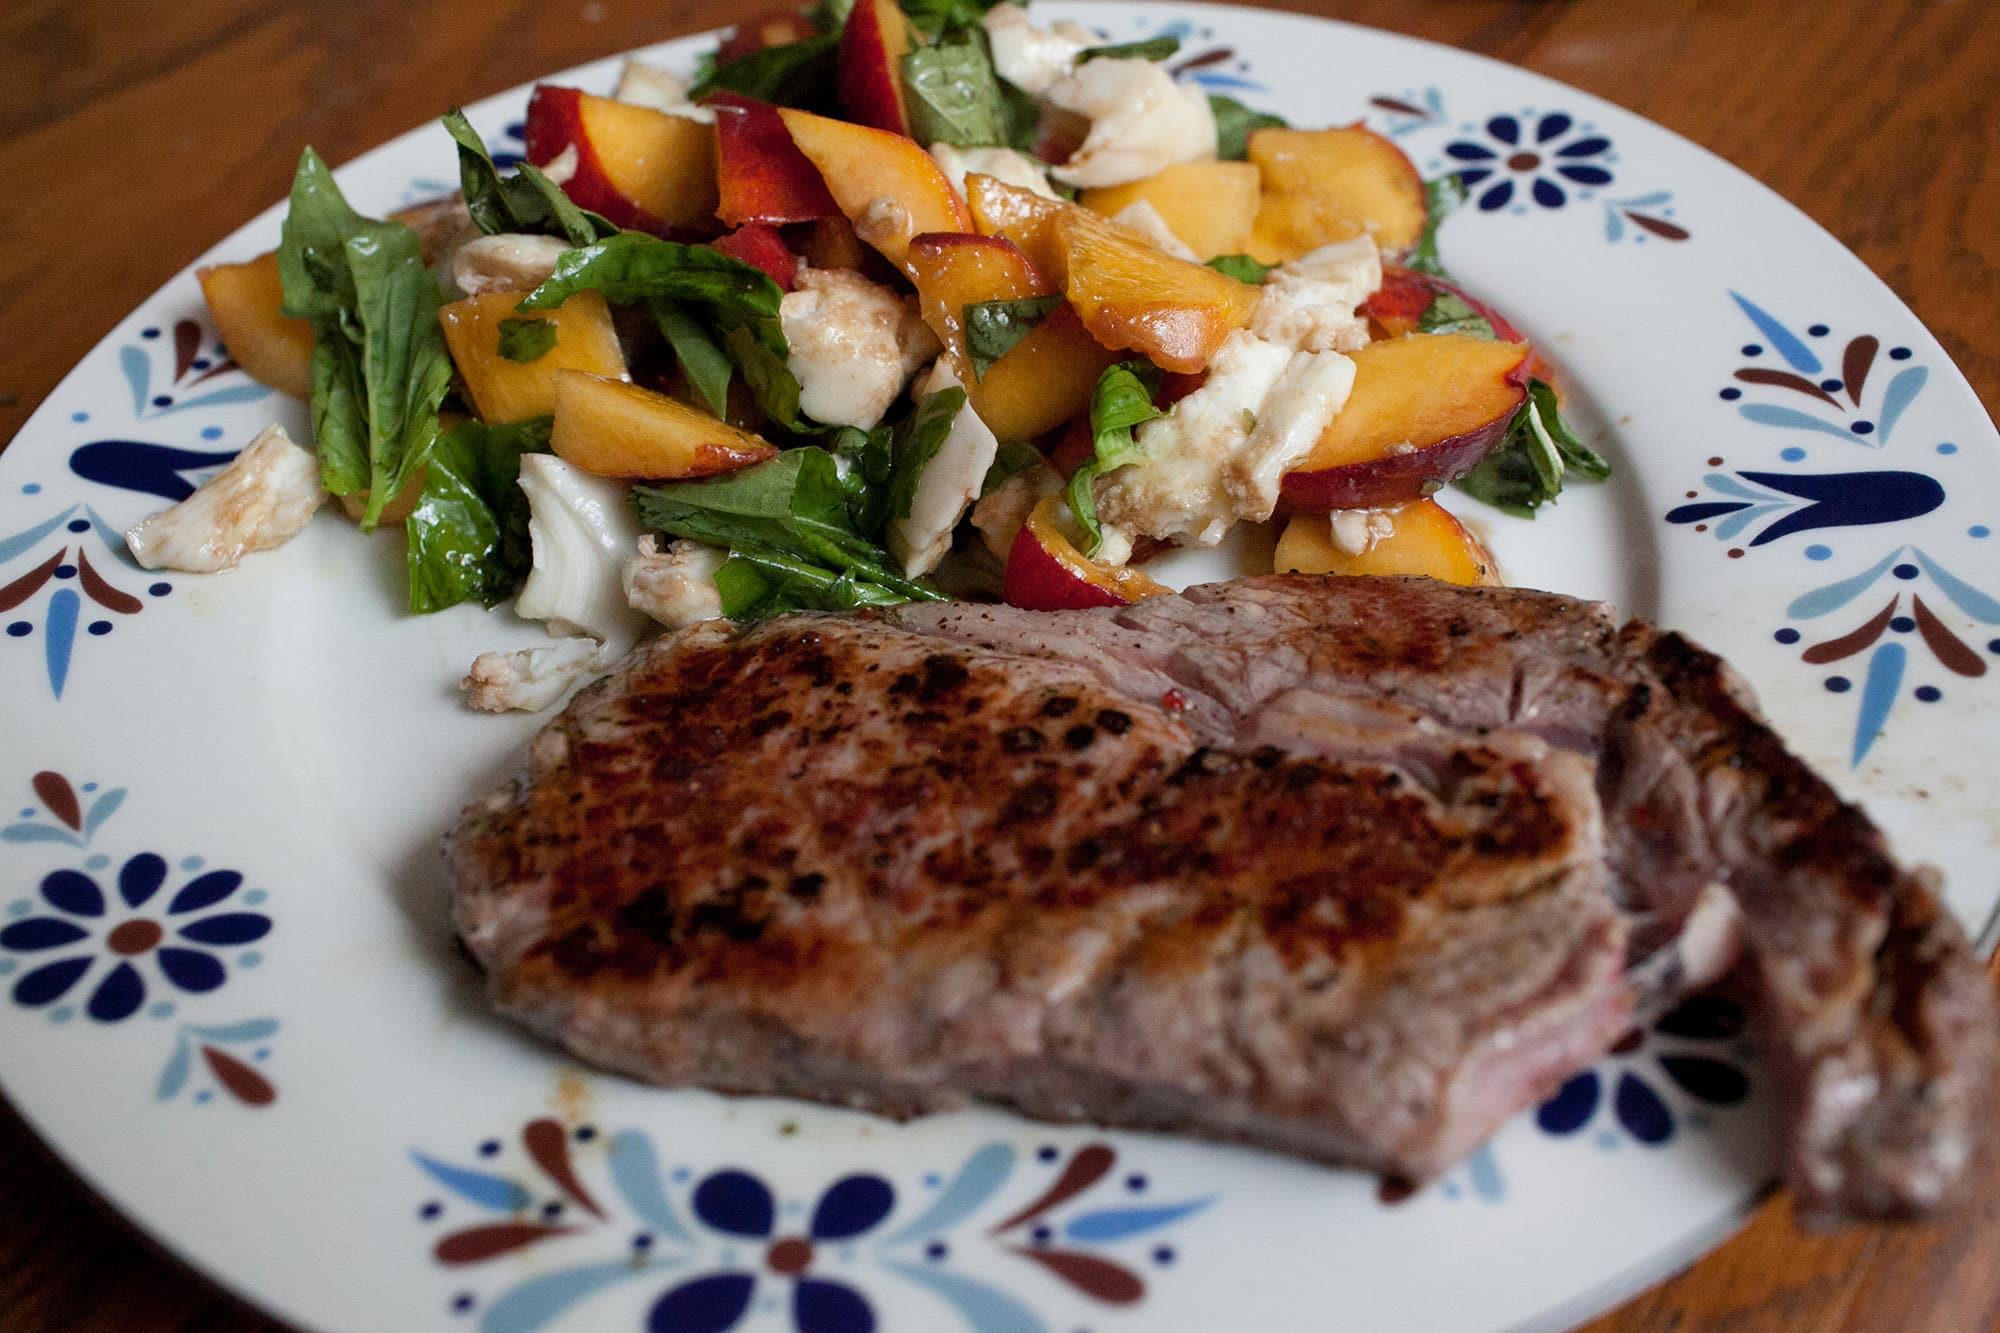 Steak and peach caprese